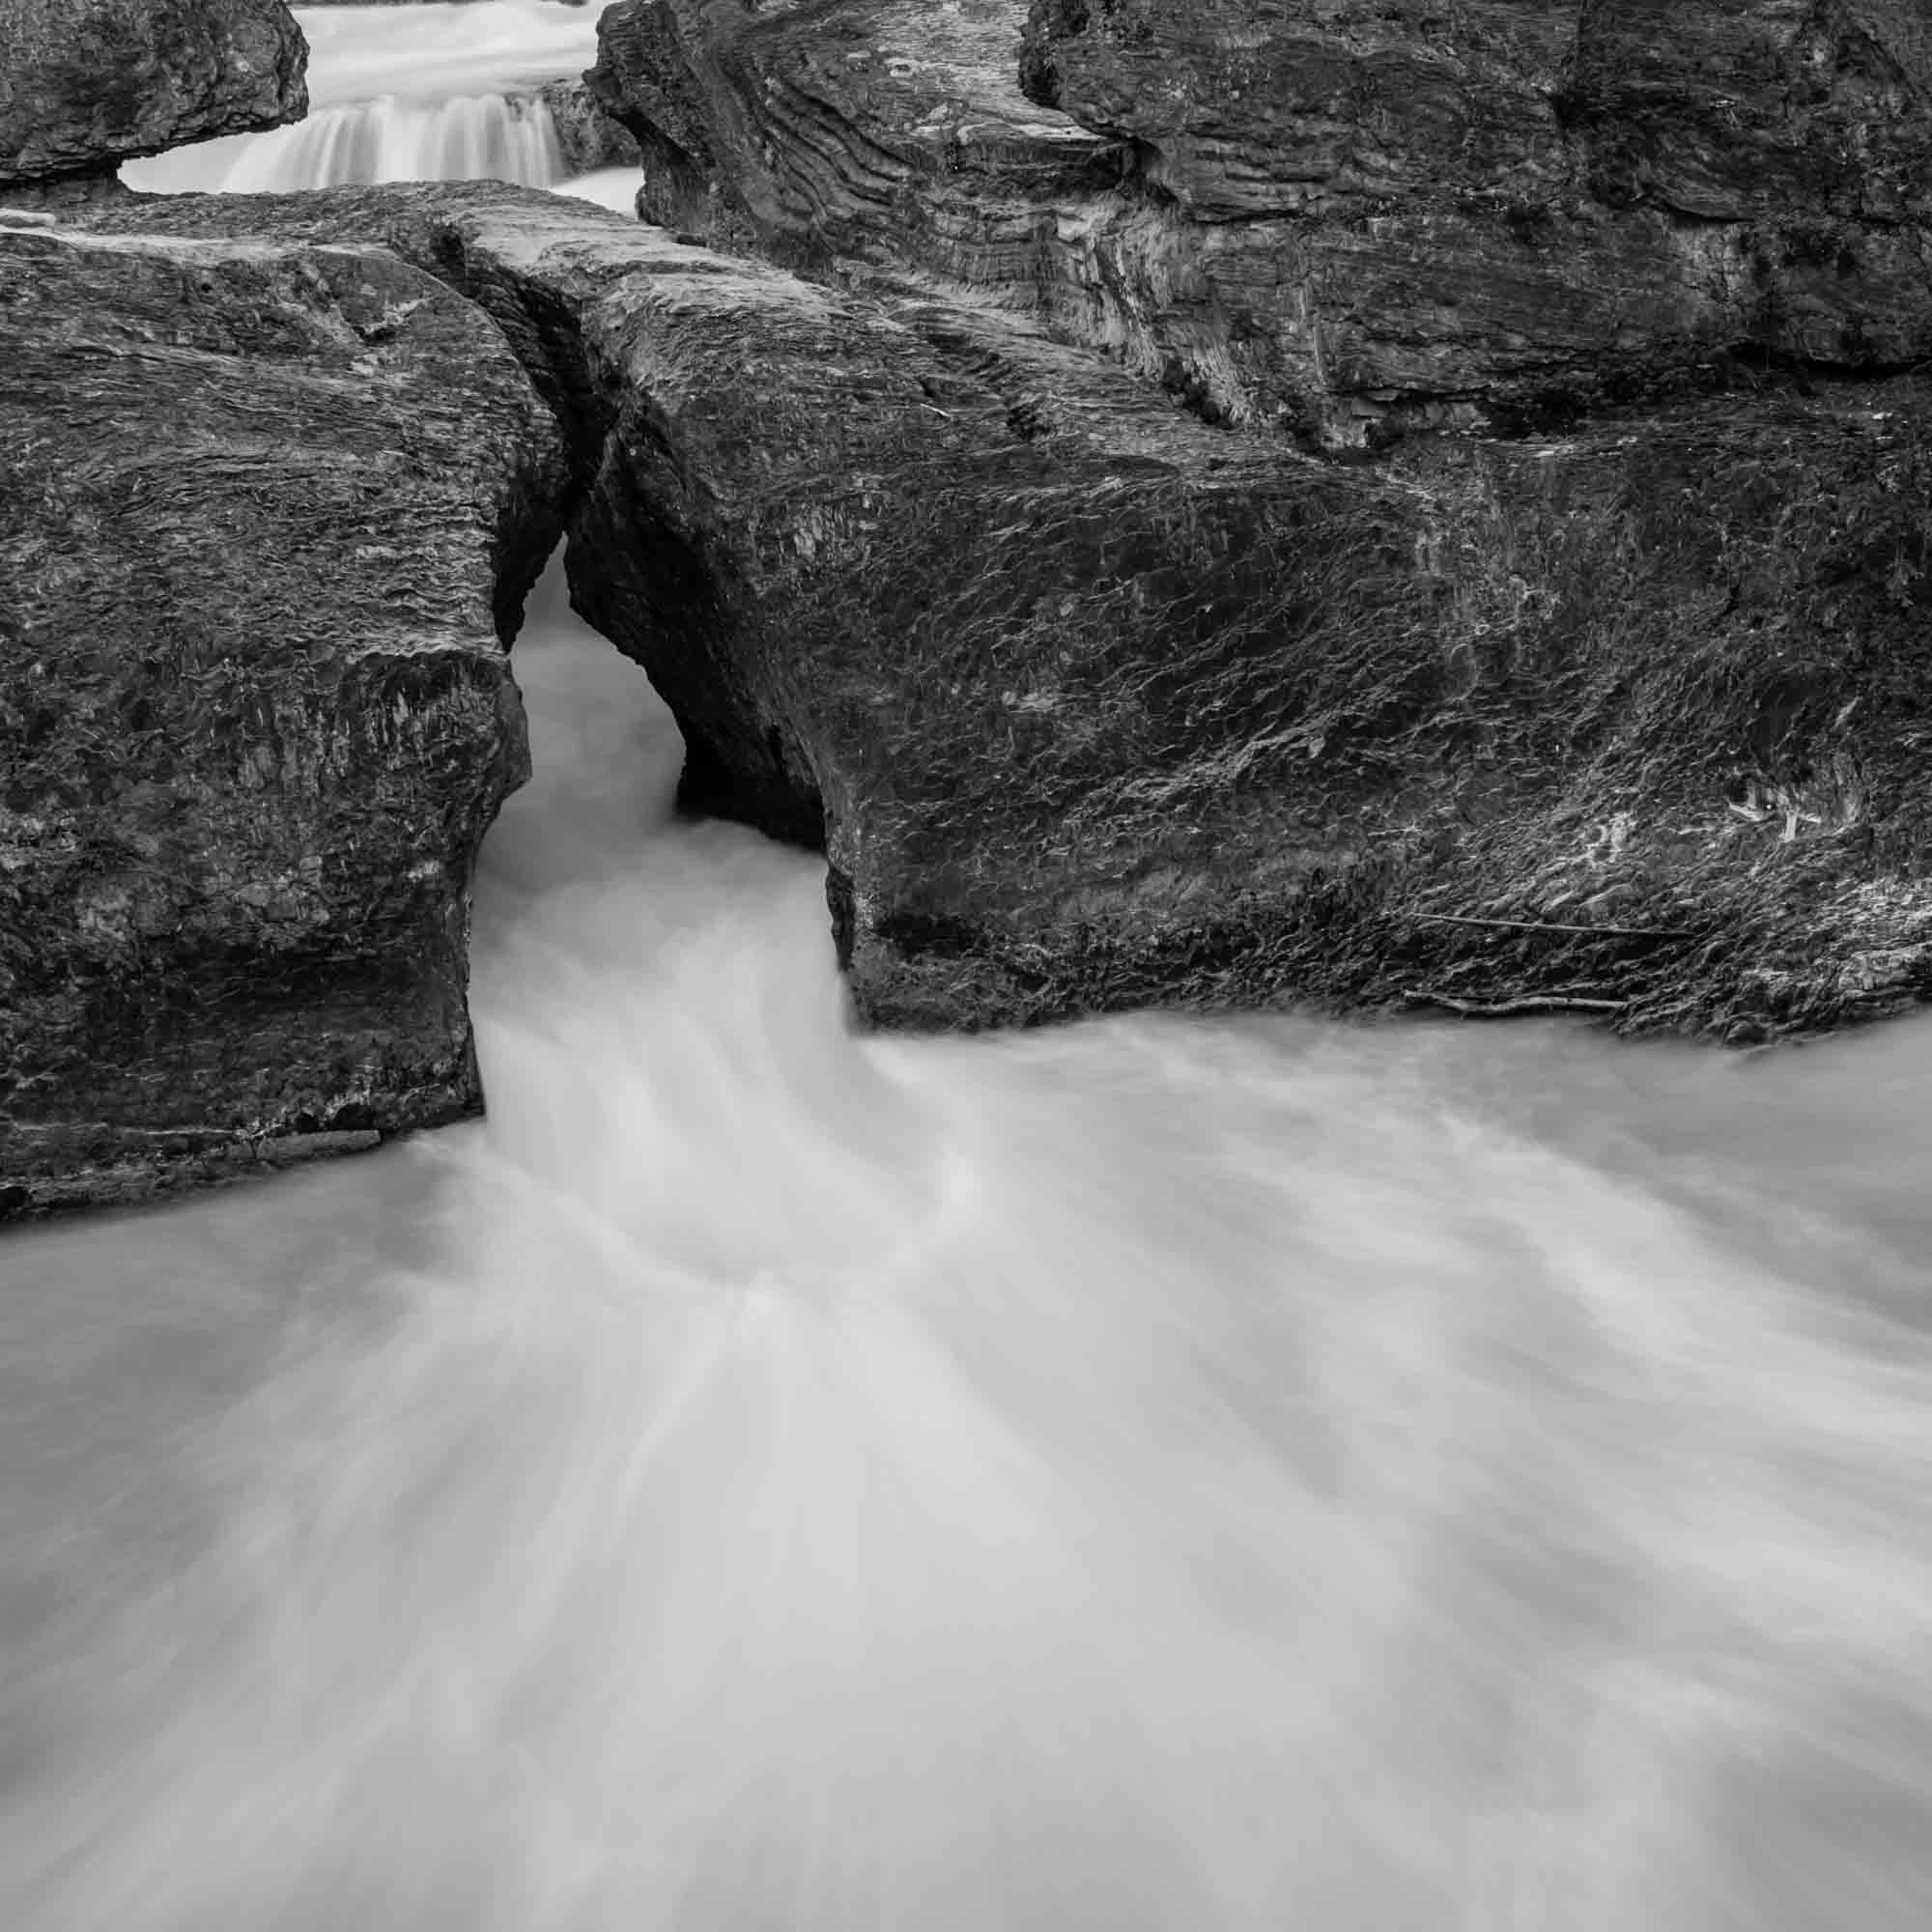 The Kicking Horse River Valley: Natural Bridge